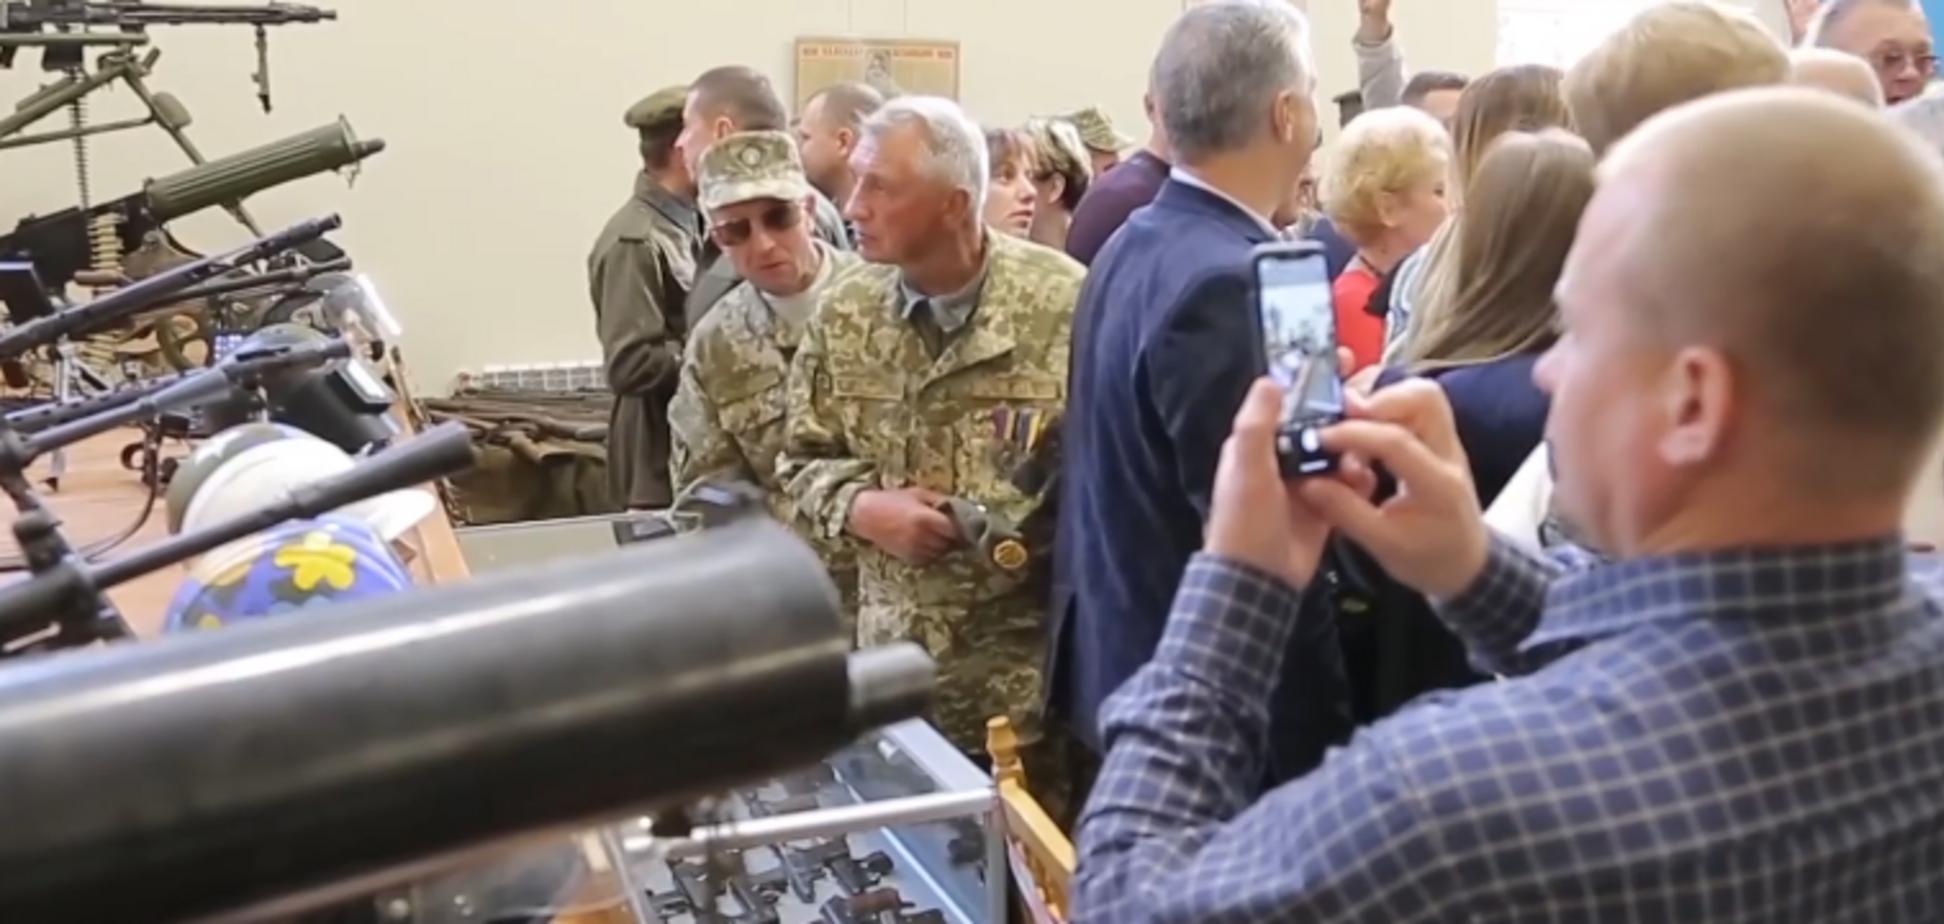 Послужить Україні: у Львові знайшли застосування культурному центру Росії